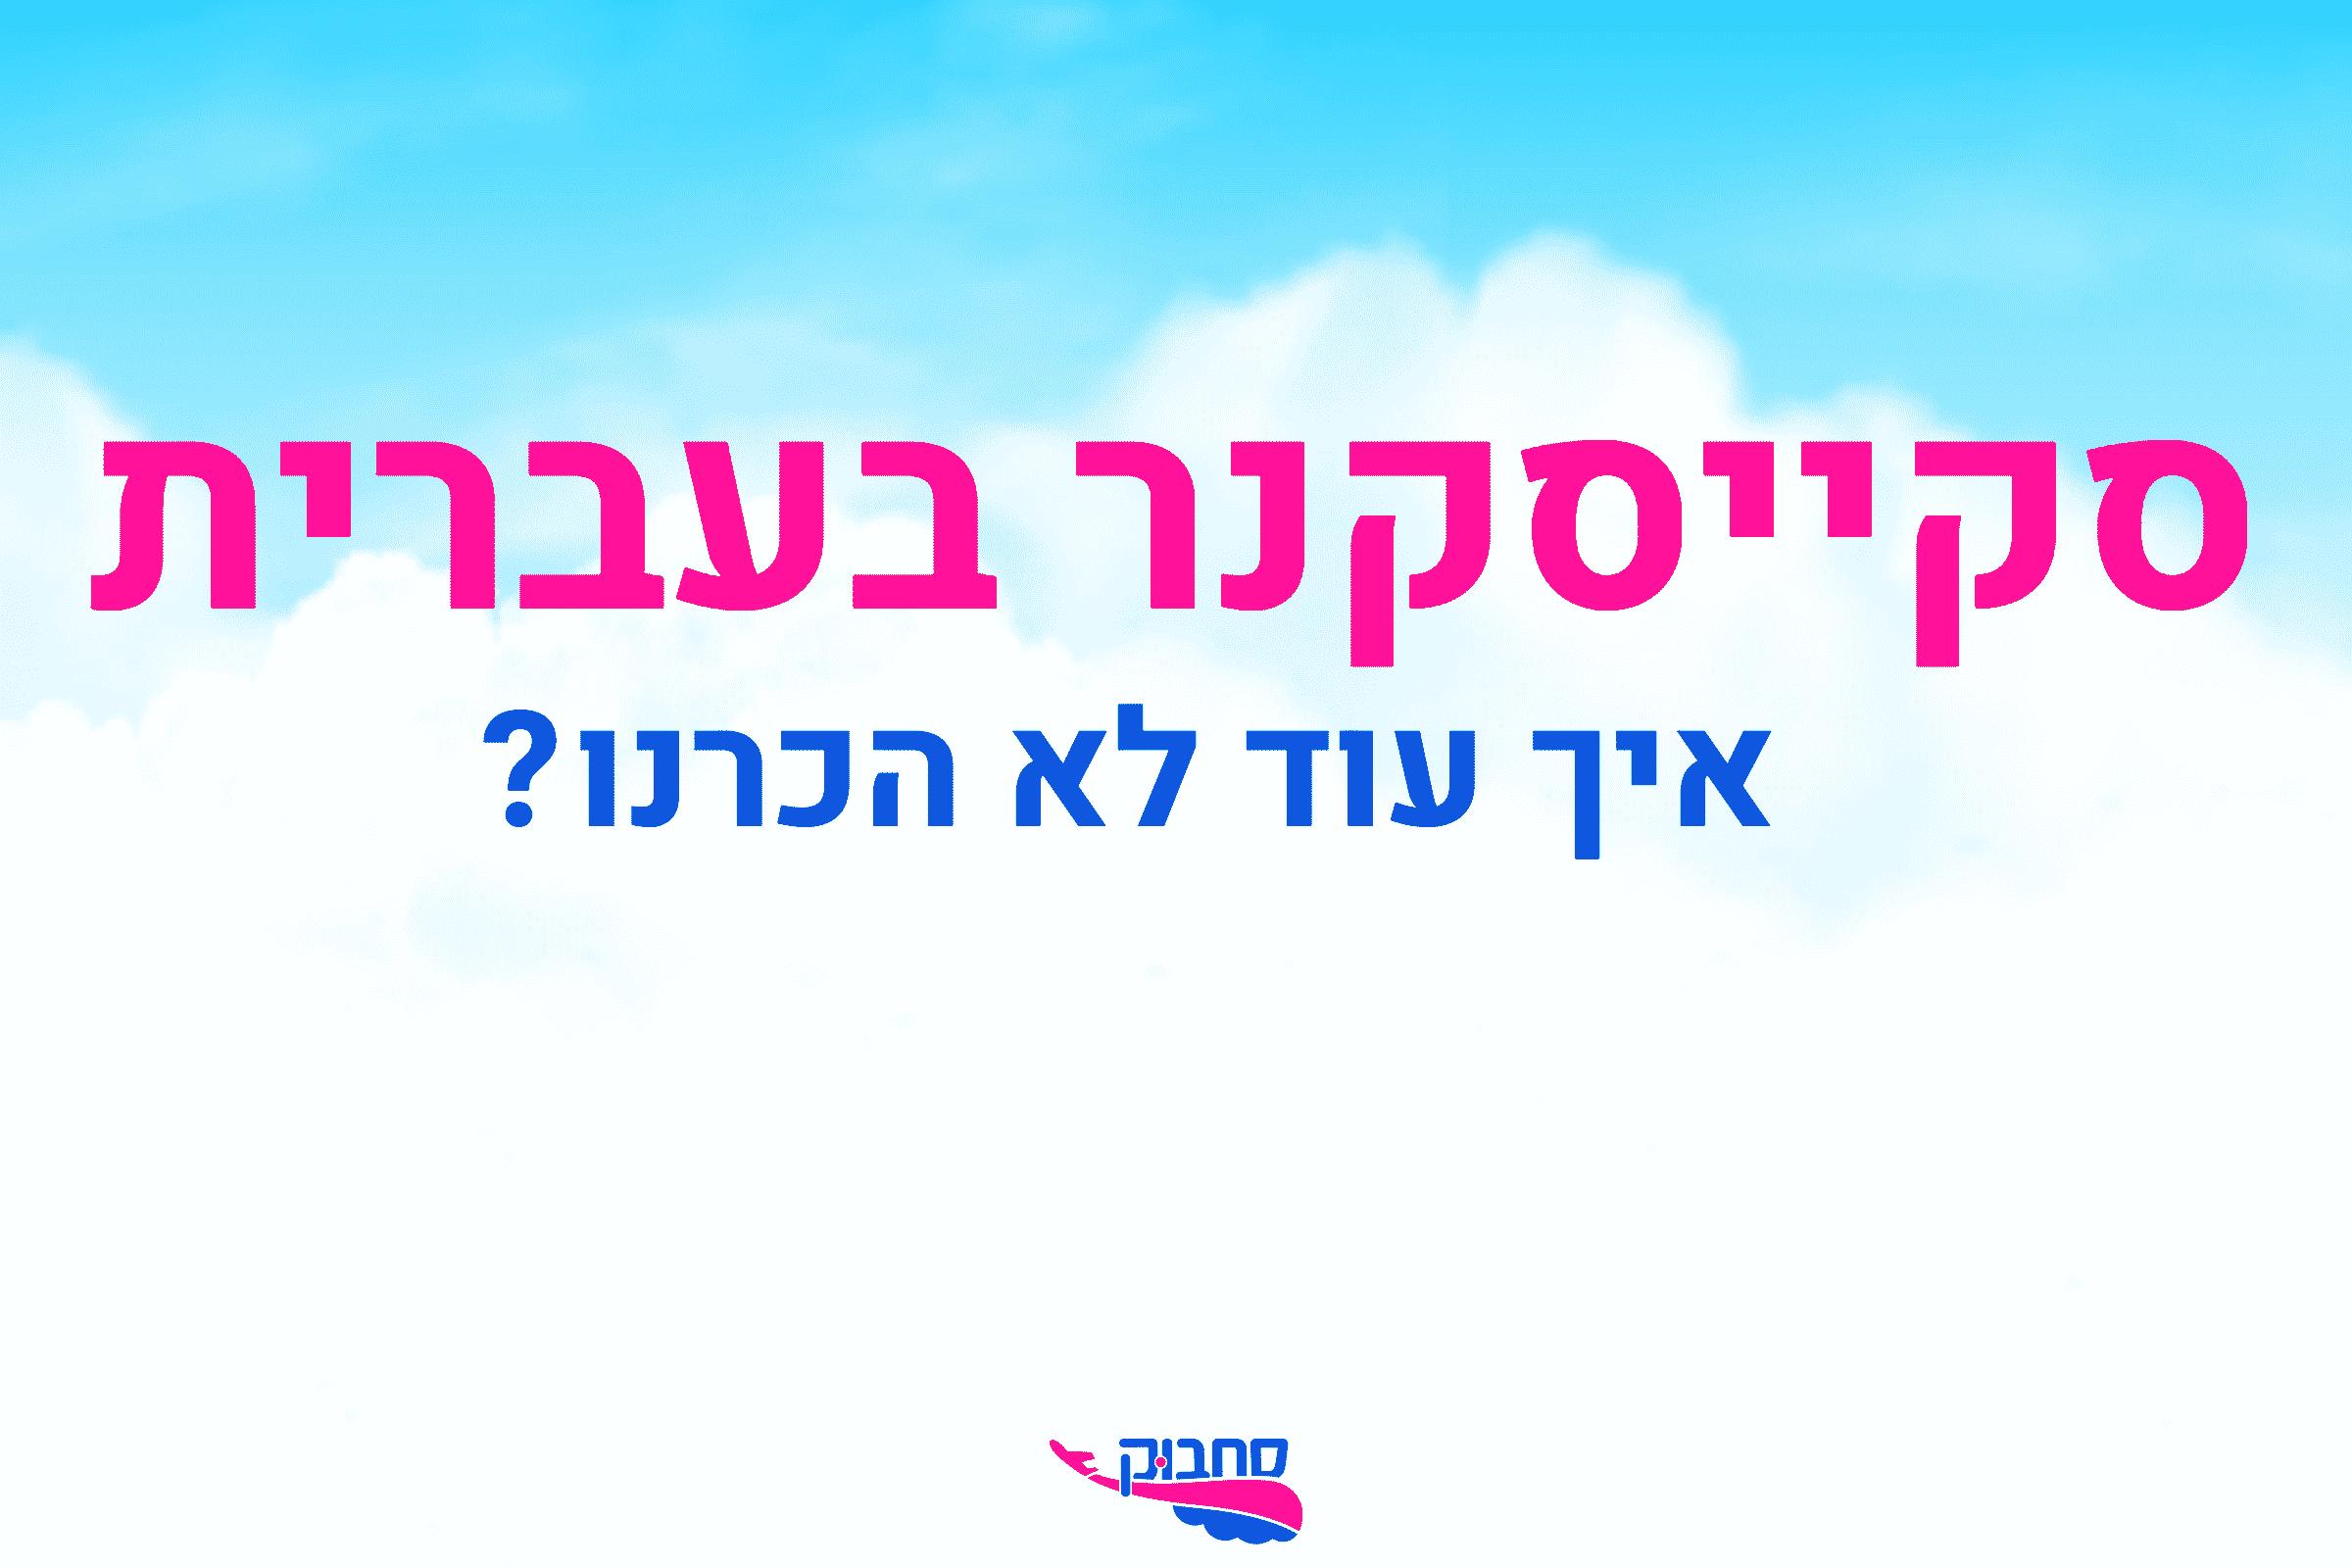 סקייסקנר בעברית